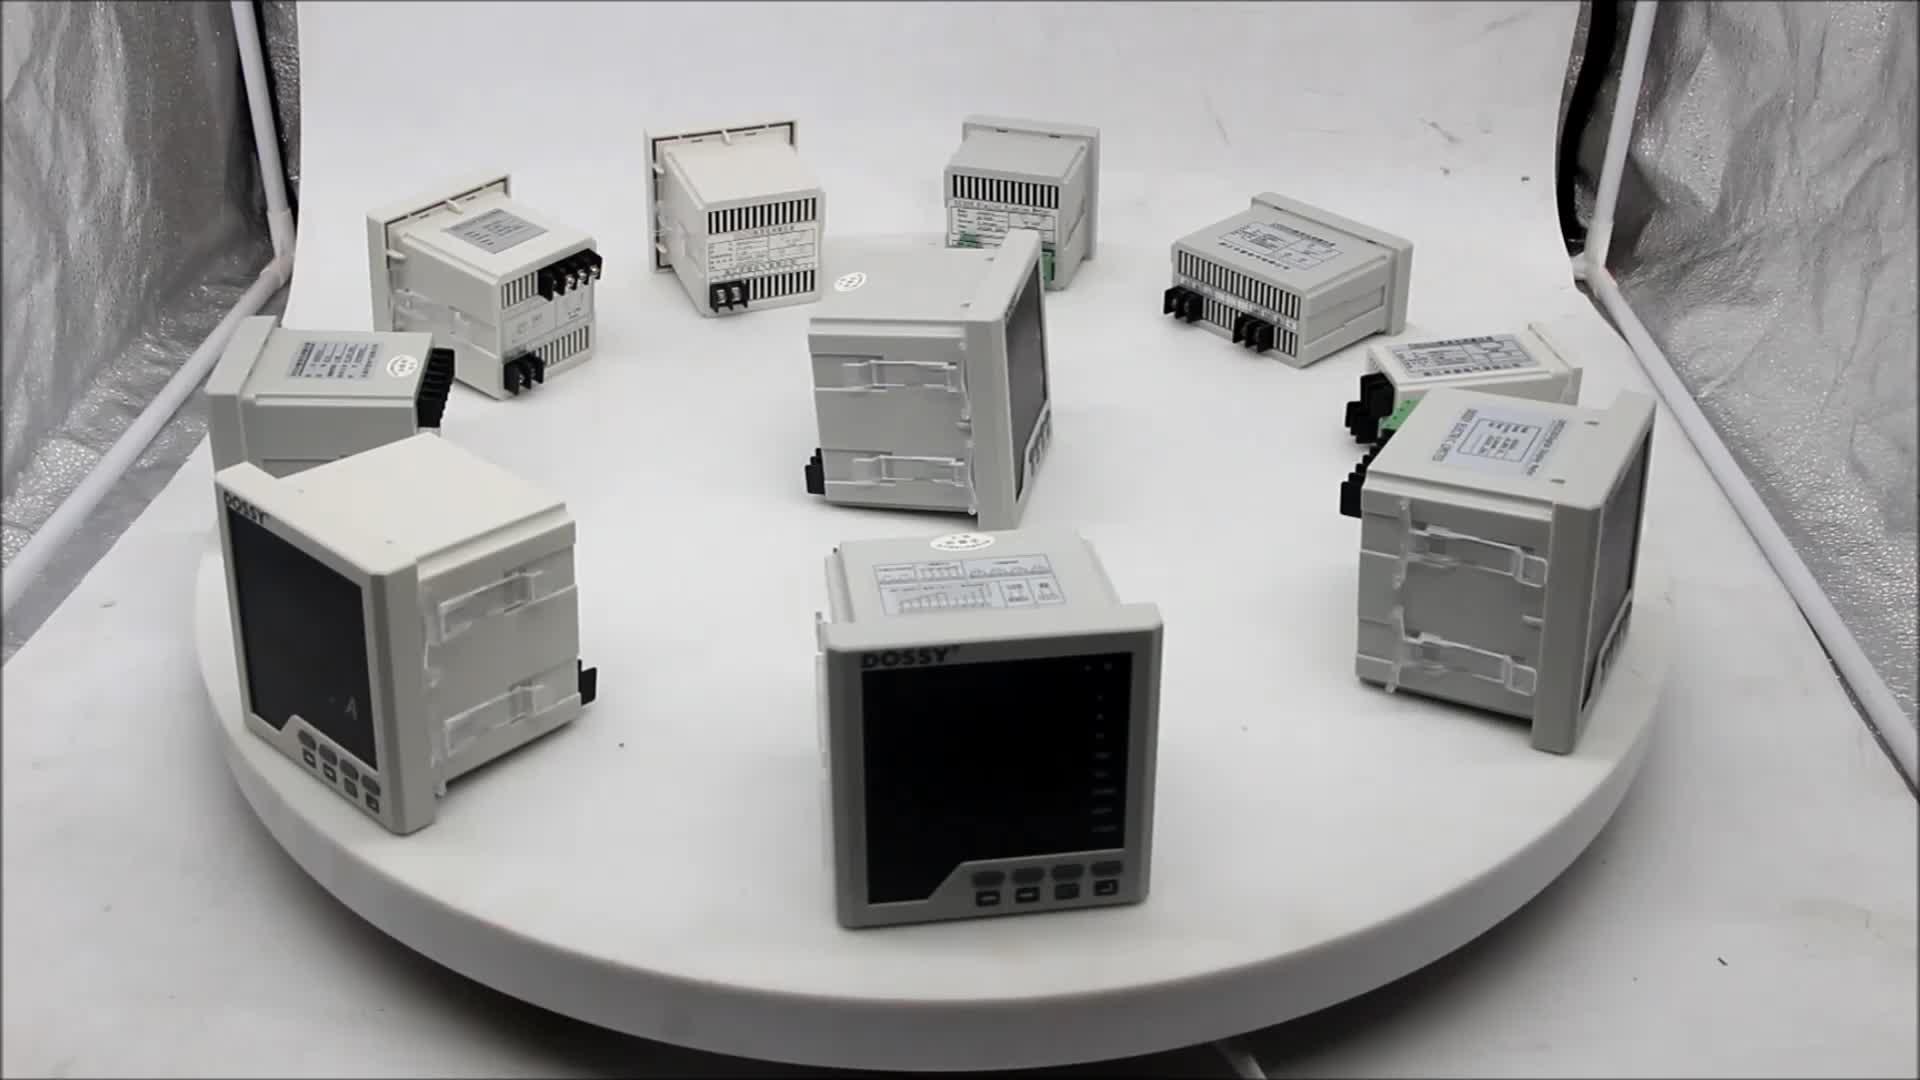 DAV-100 Din-rail type eenfase Digitale LED Display Ammeter Voltmeter Current meter